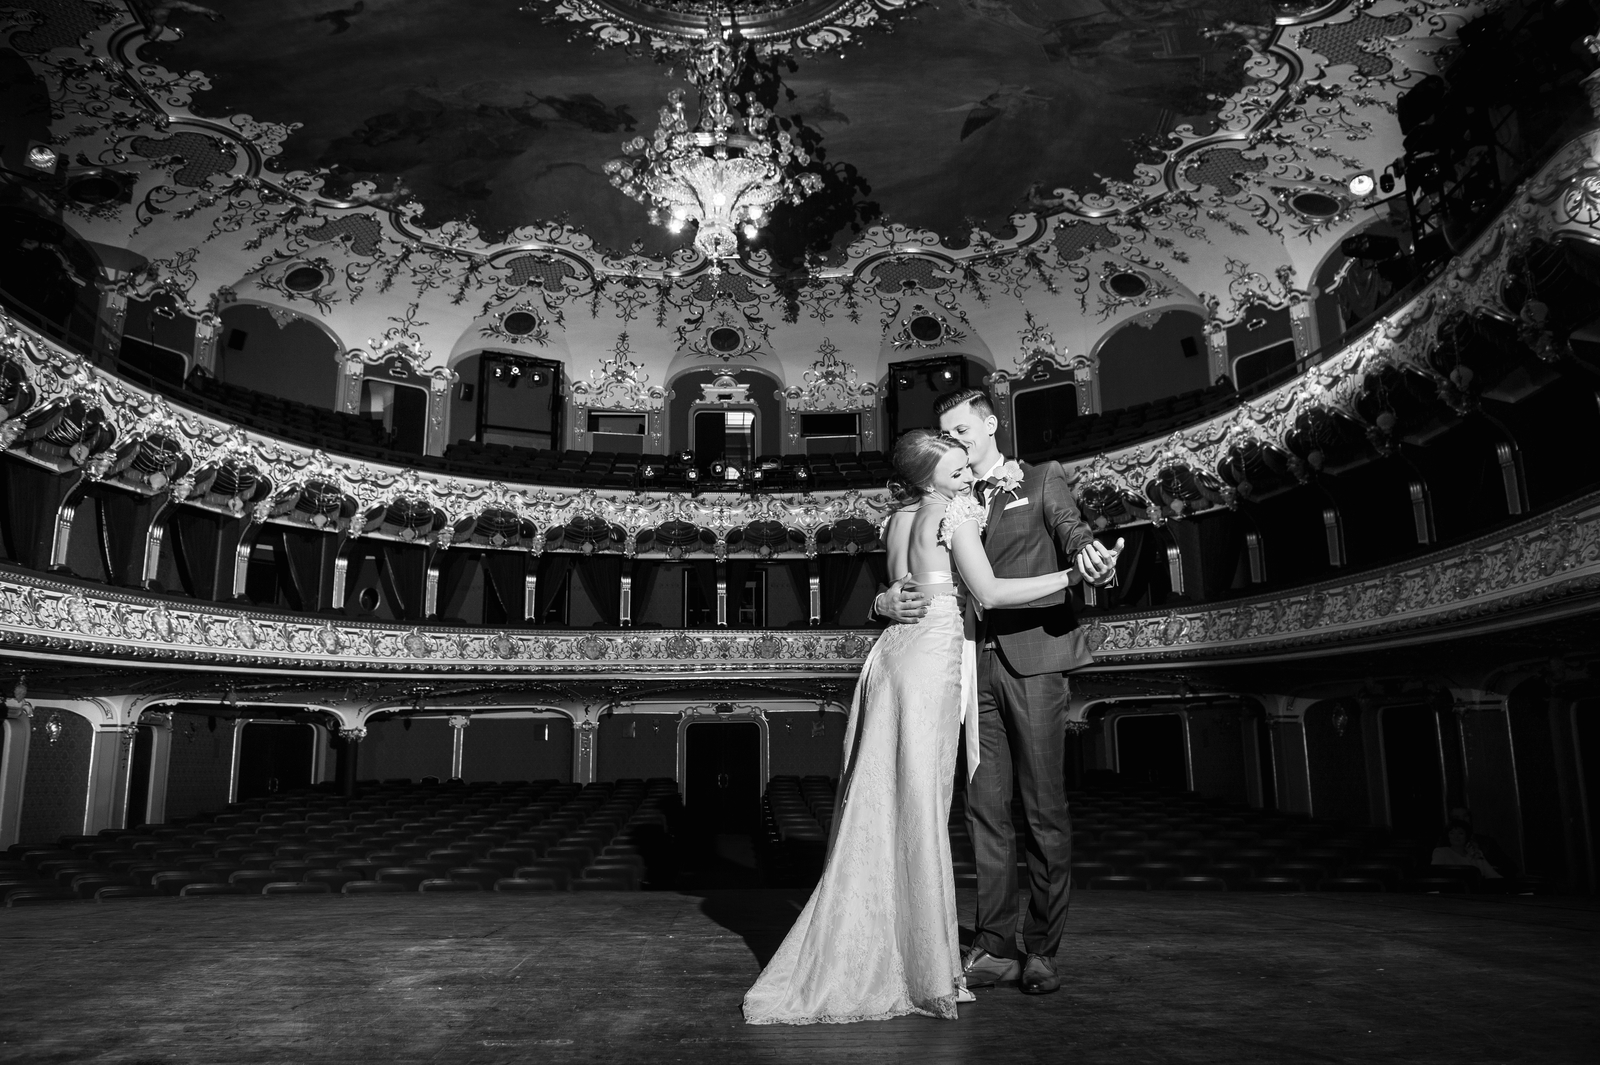 Imagini din portofoliul Irinei Mocanu, fotograf de nuntă în Iași